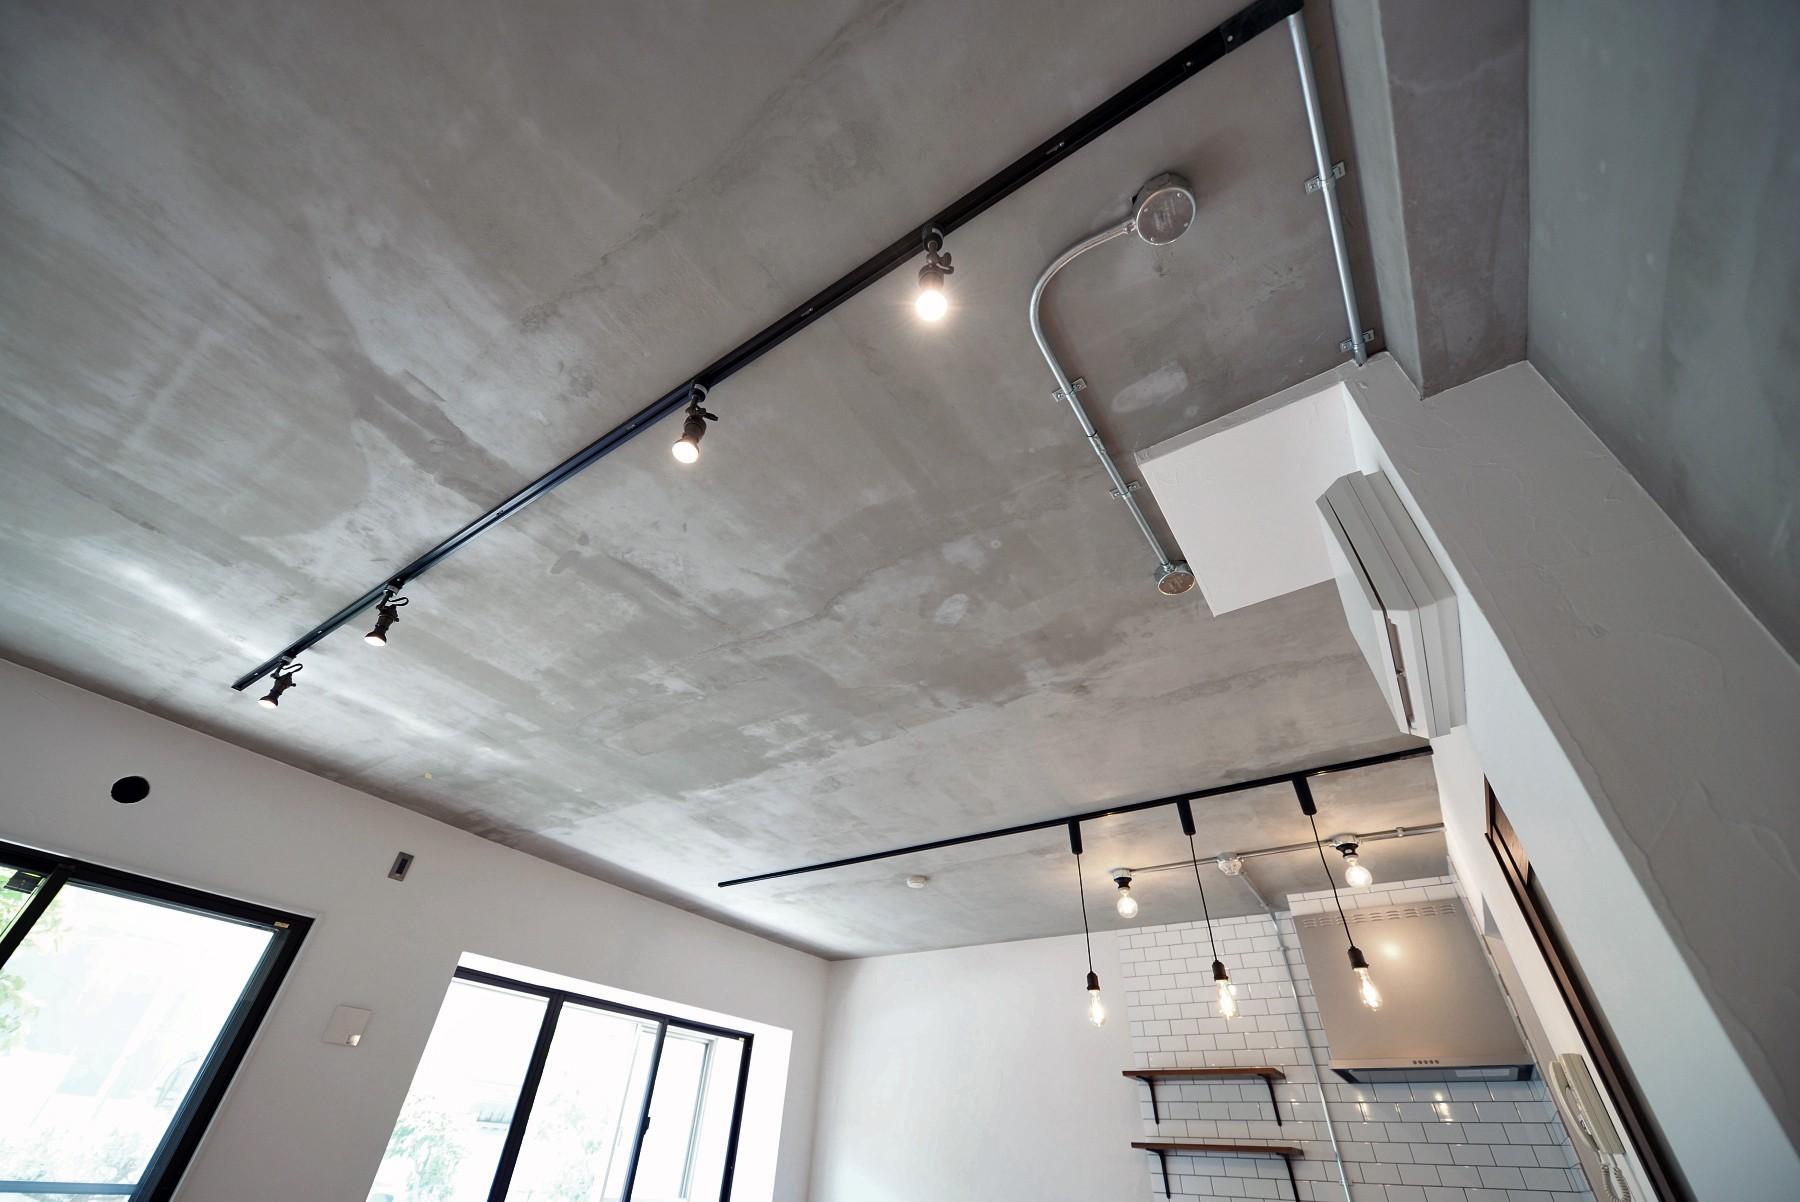 リビングダイニング事例:モルタル仕上げの天井(壁・天井もキッチンカウンターもモルタル仕上げの無骨でラフなマンションリノベーション)